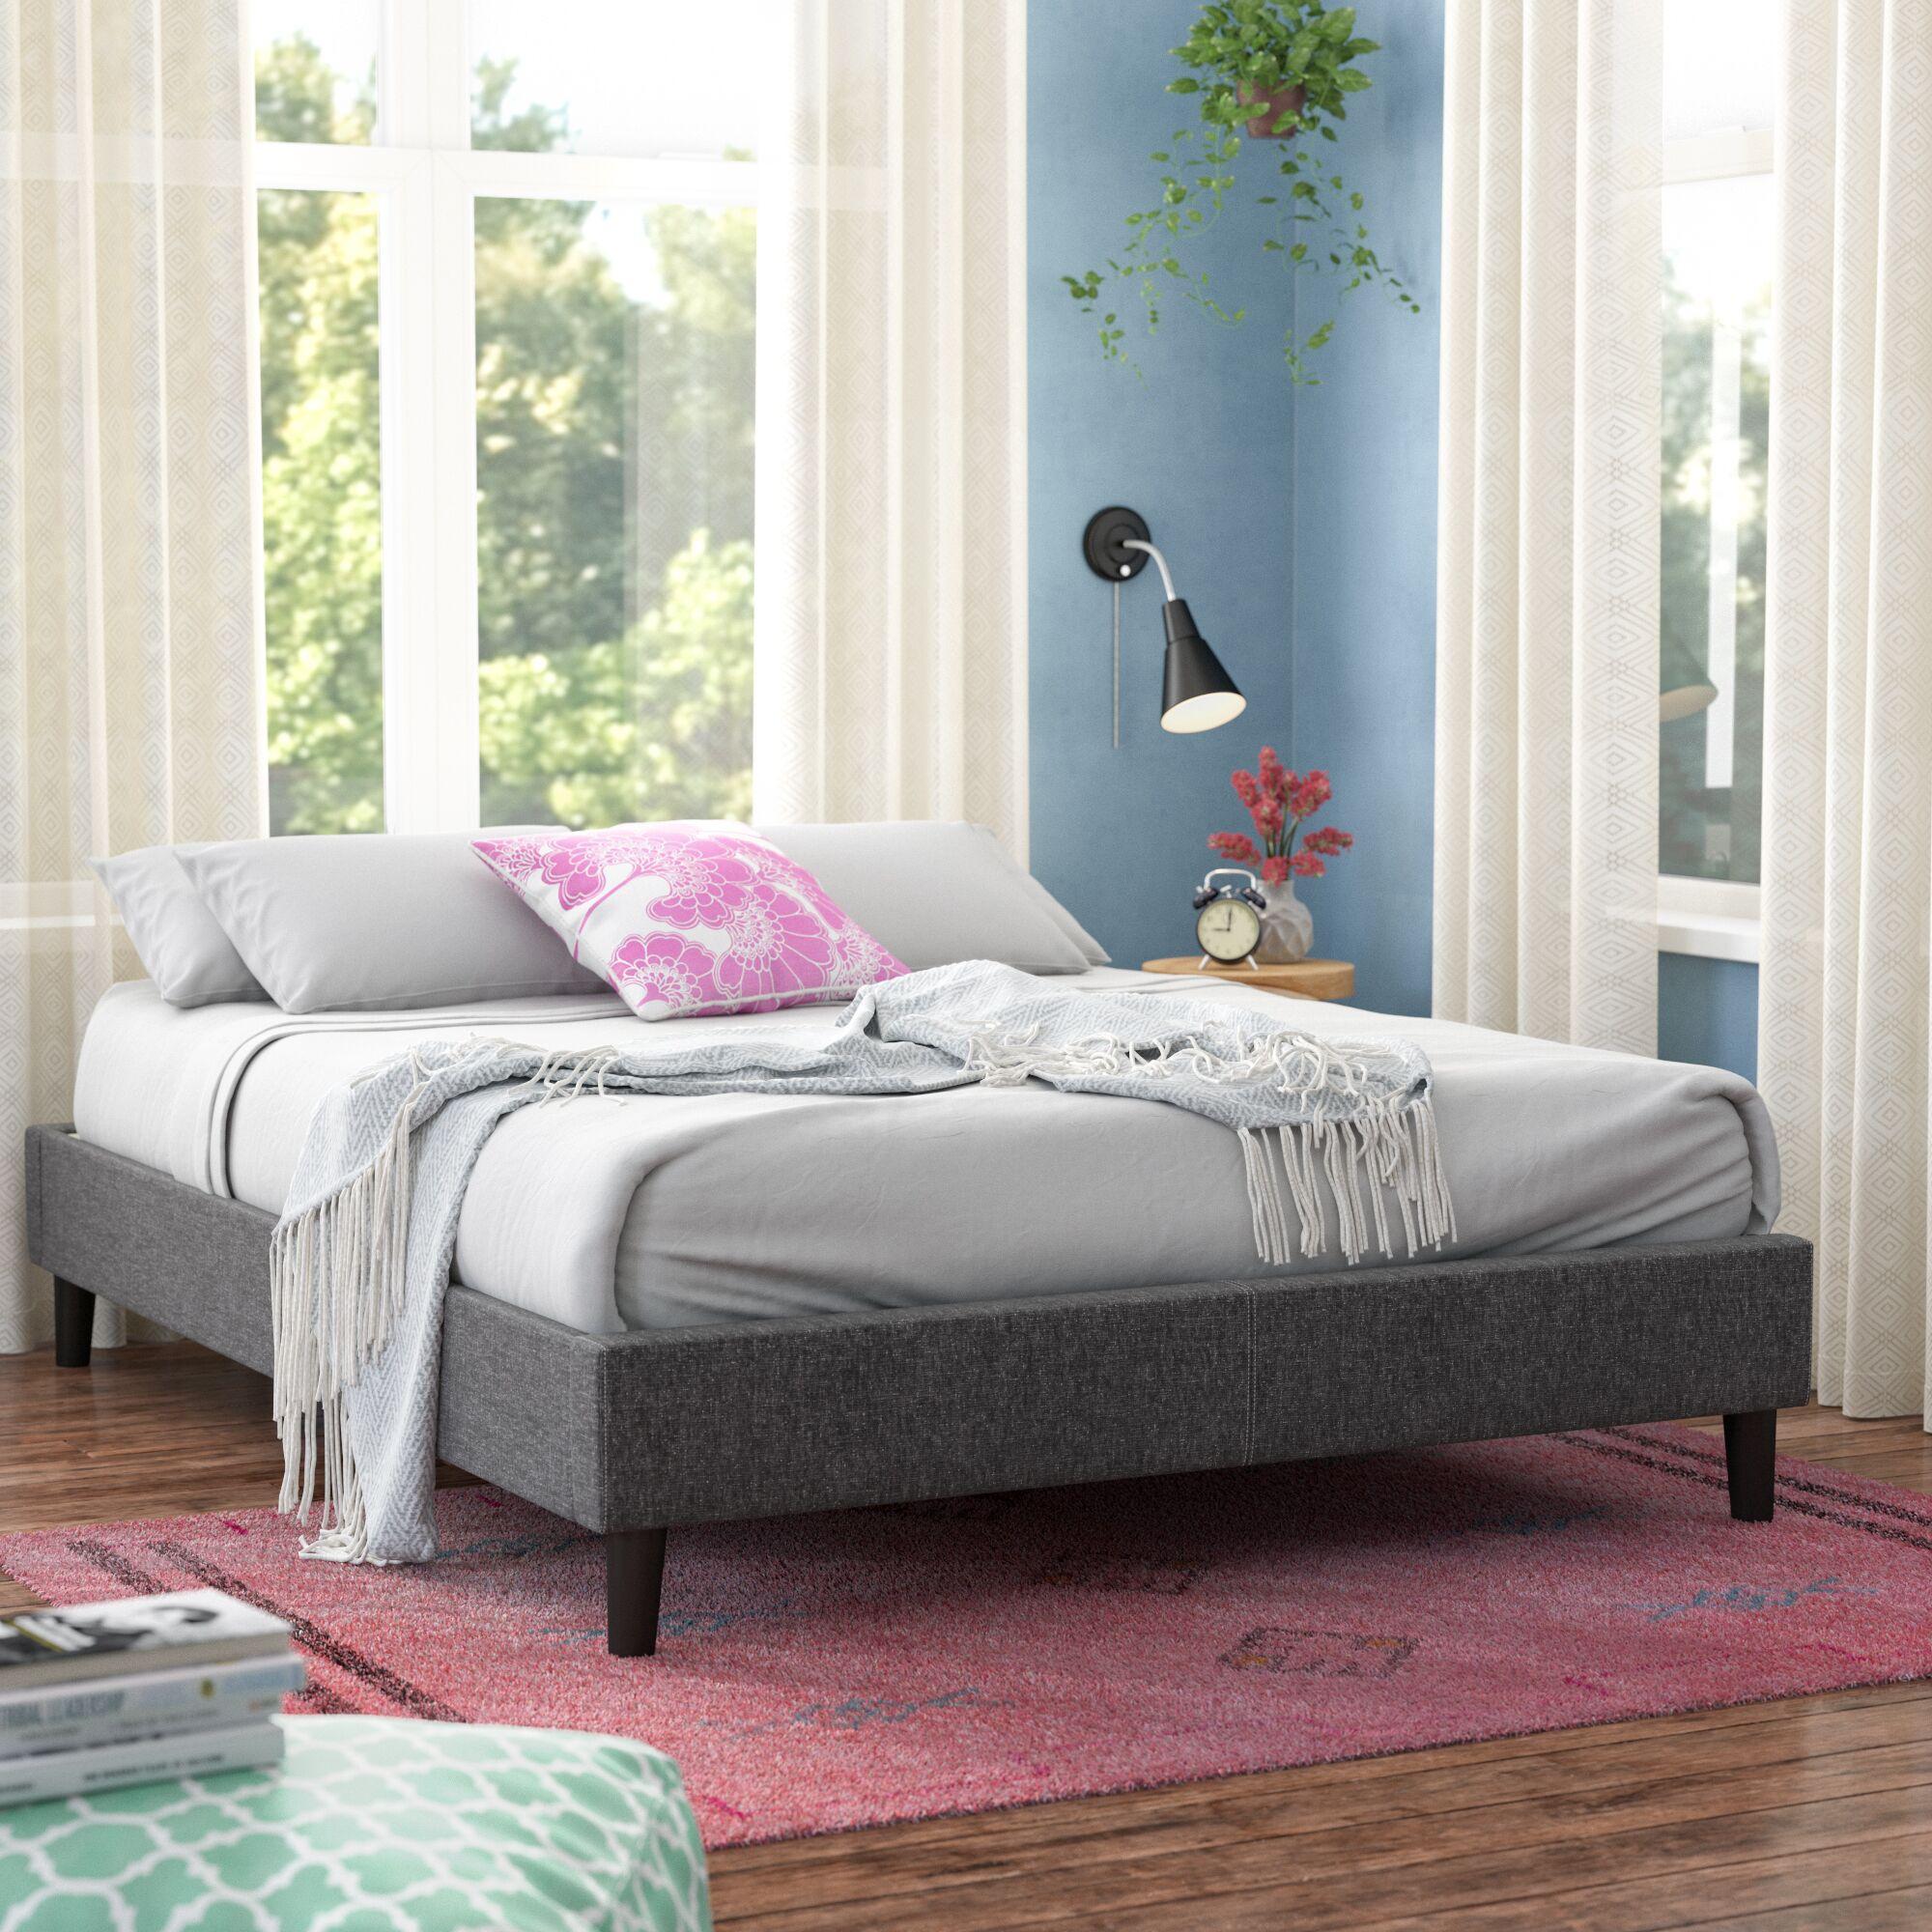 Noemi Platform Bed Size: Queen